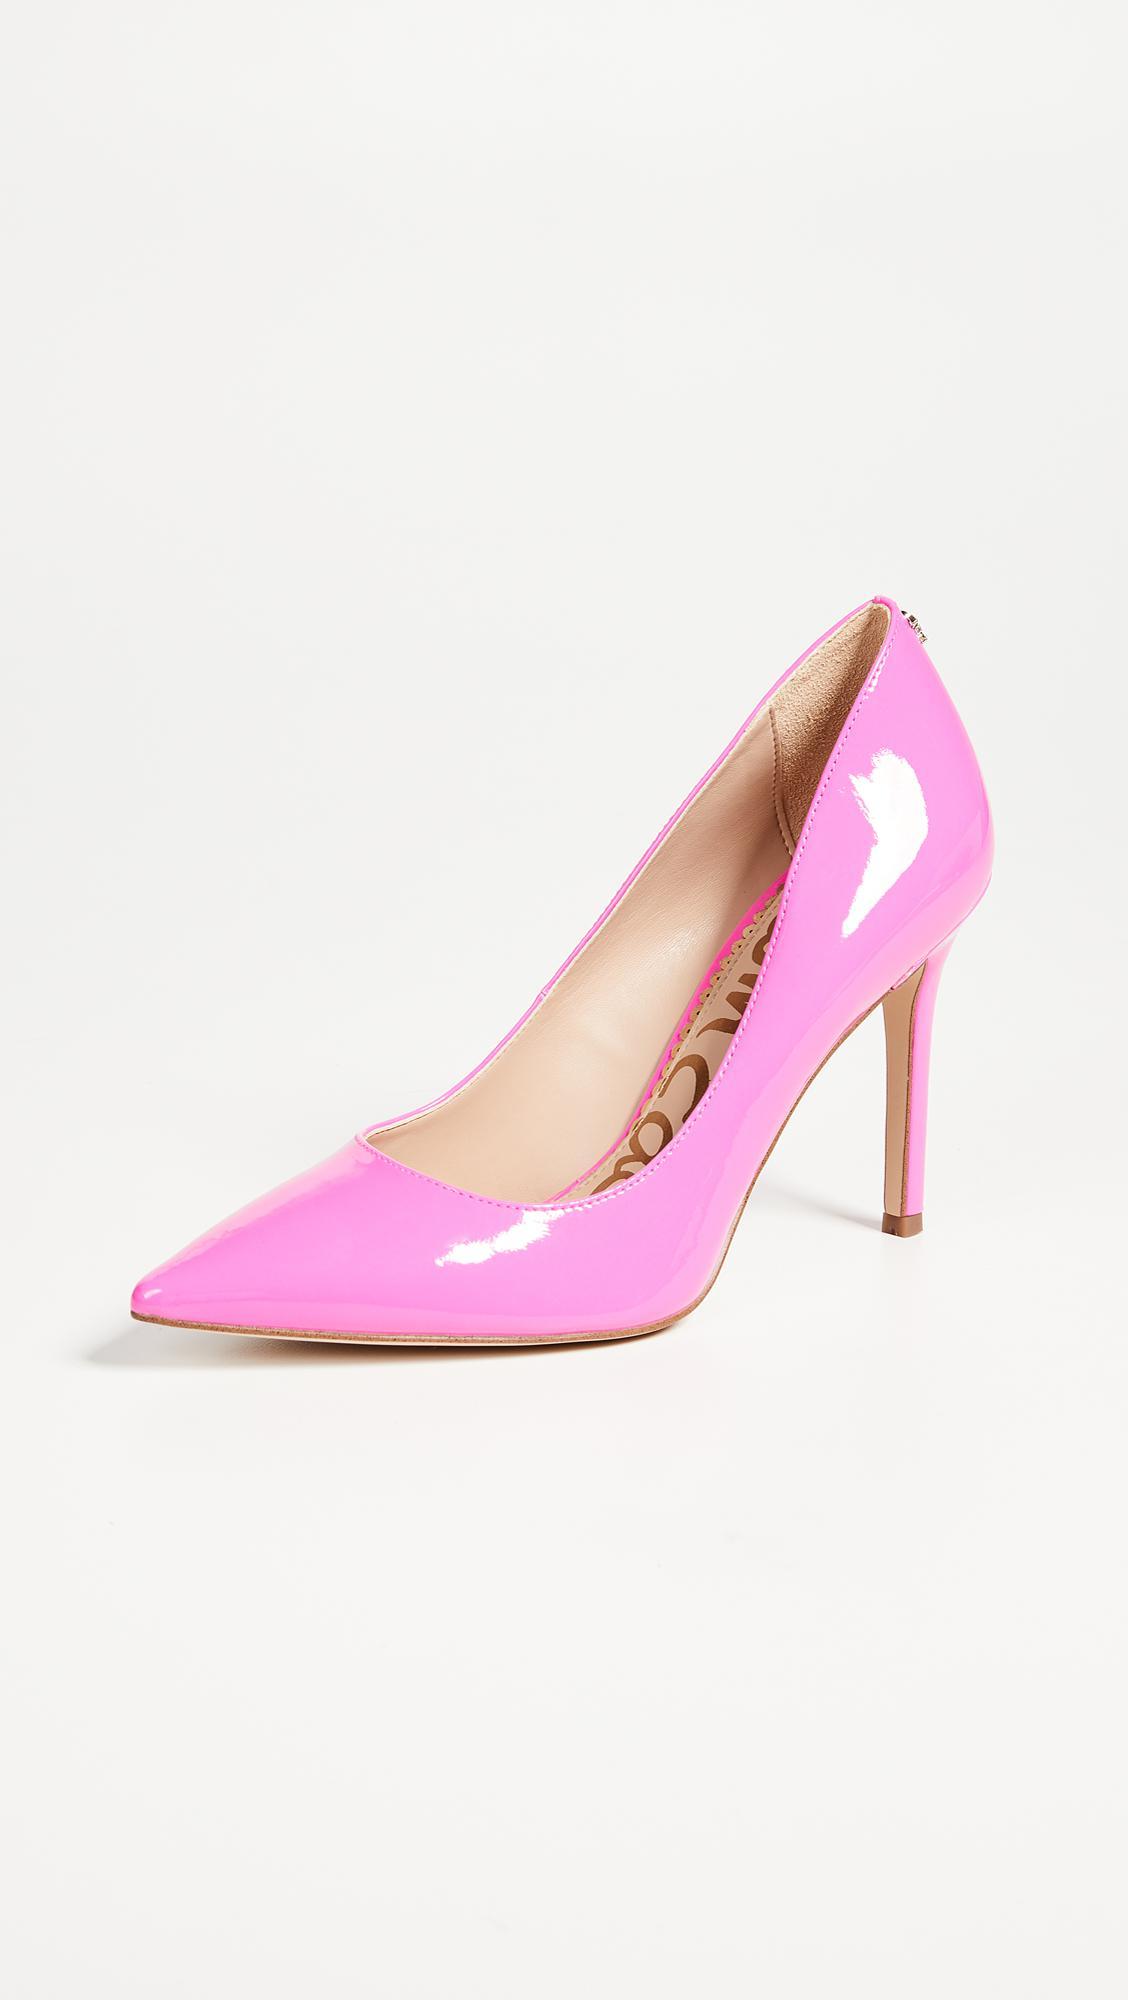 caab3e7dad596 Lyst - Sam Edelman Hazel Pumps in Pink